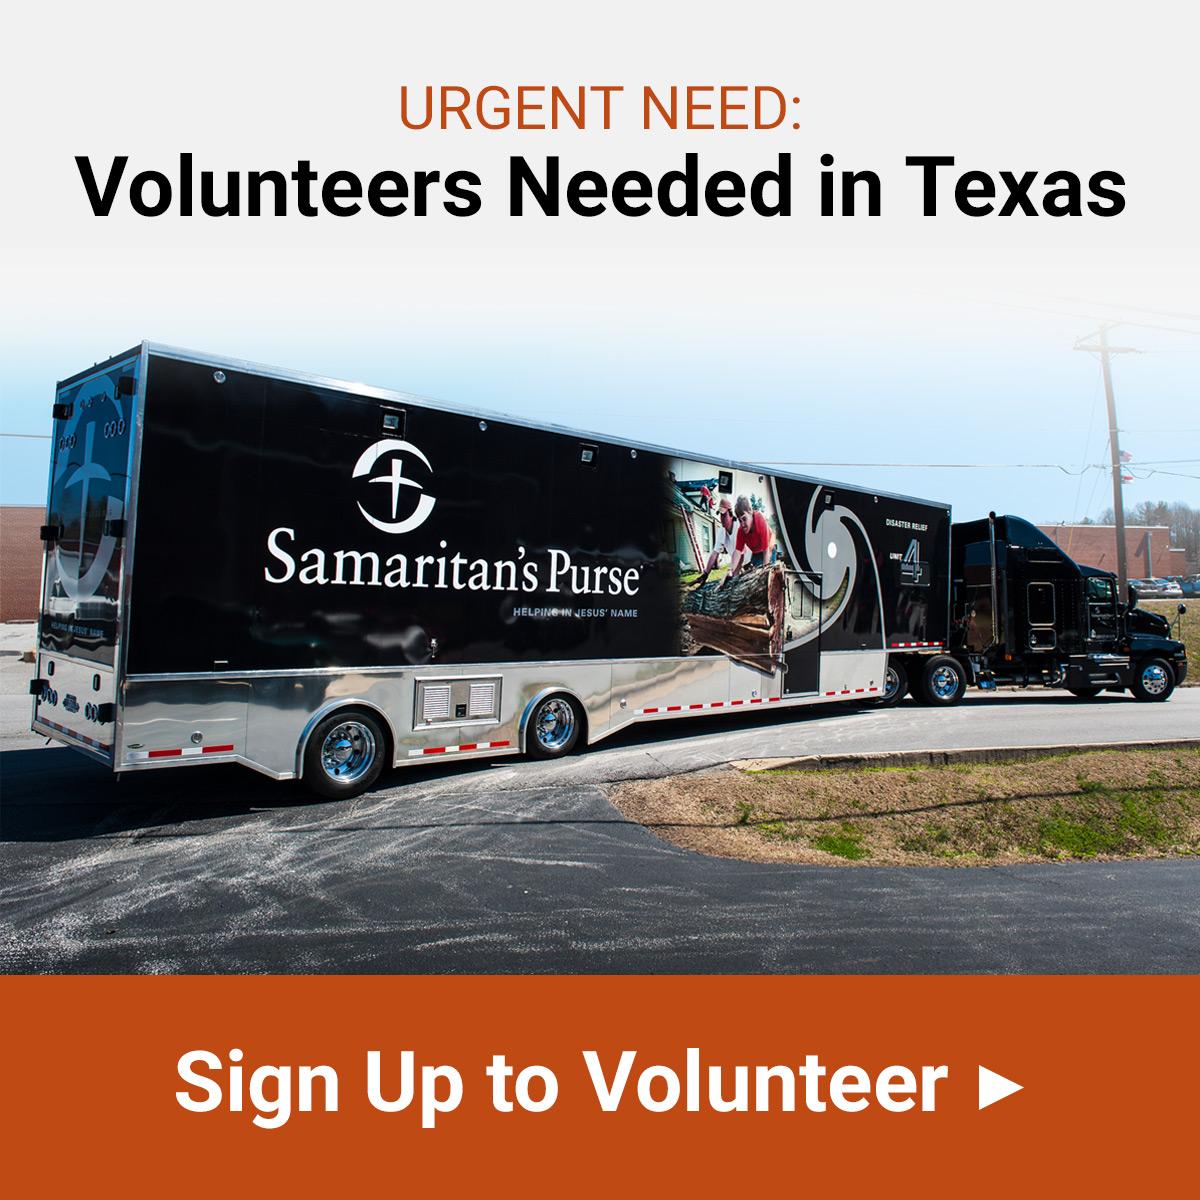 Volunteers Needed in Texas - Sign Up Now